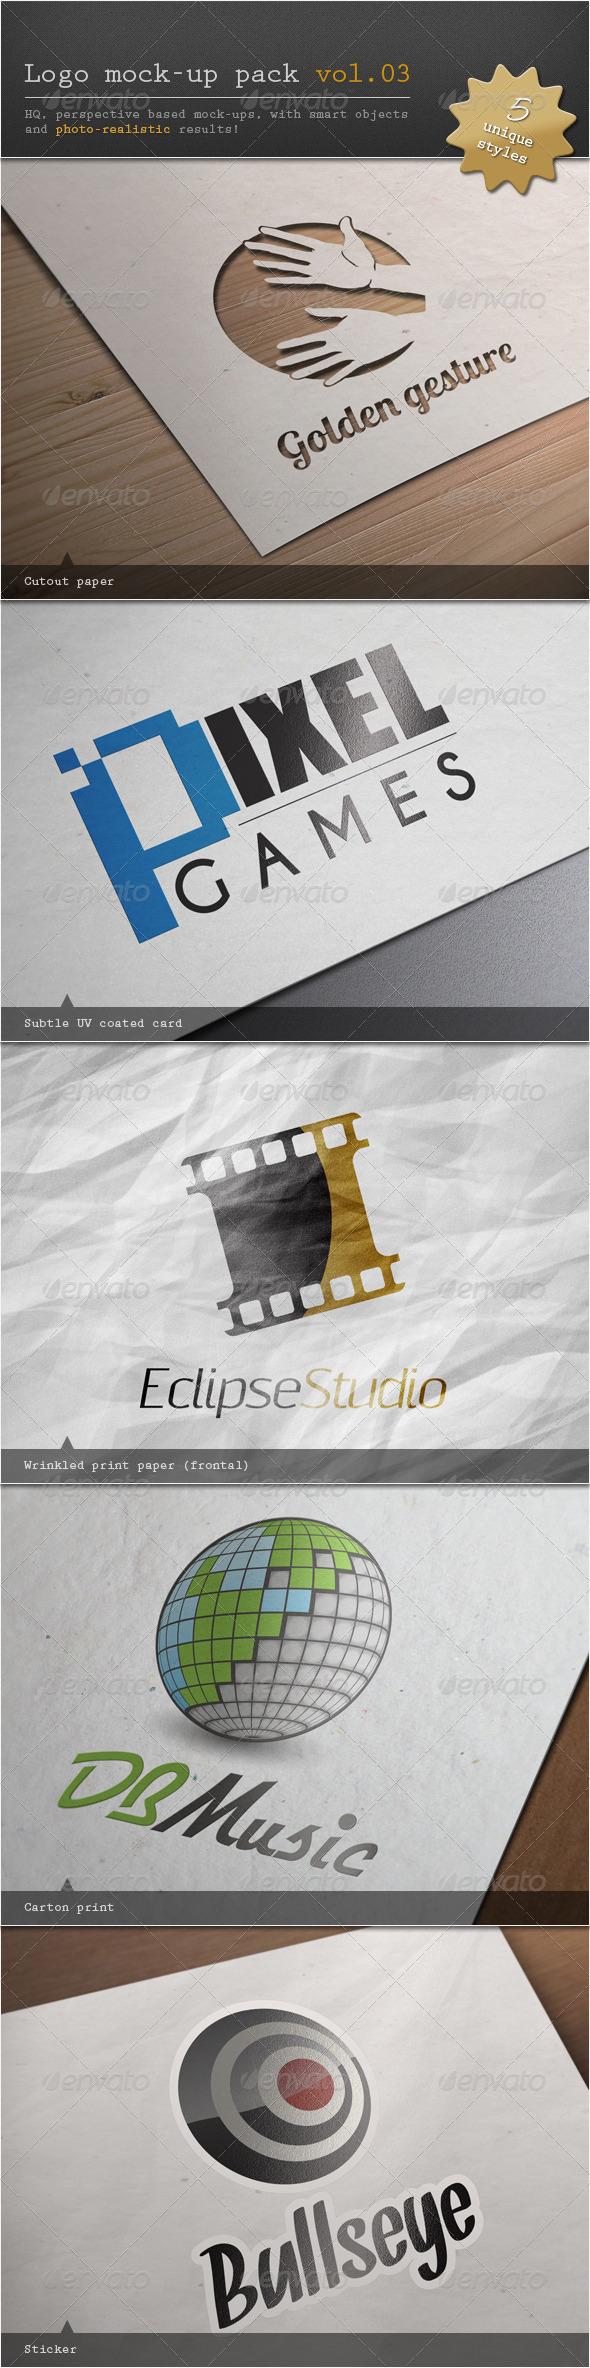 Logo Mock-up Pack Vol.03 - Logo Product Mock-Ups